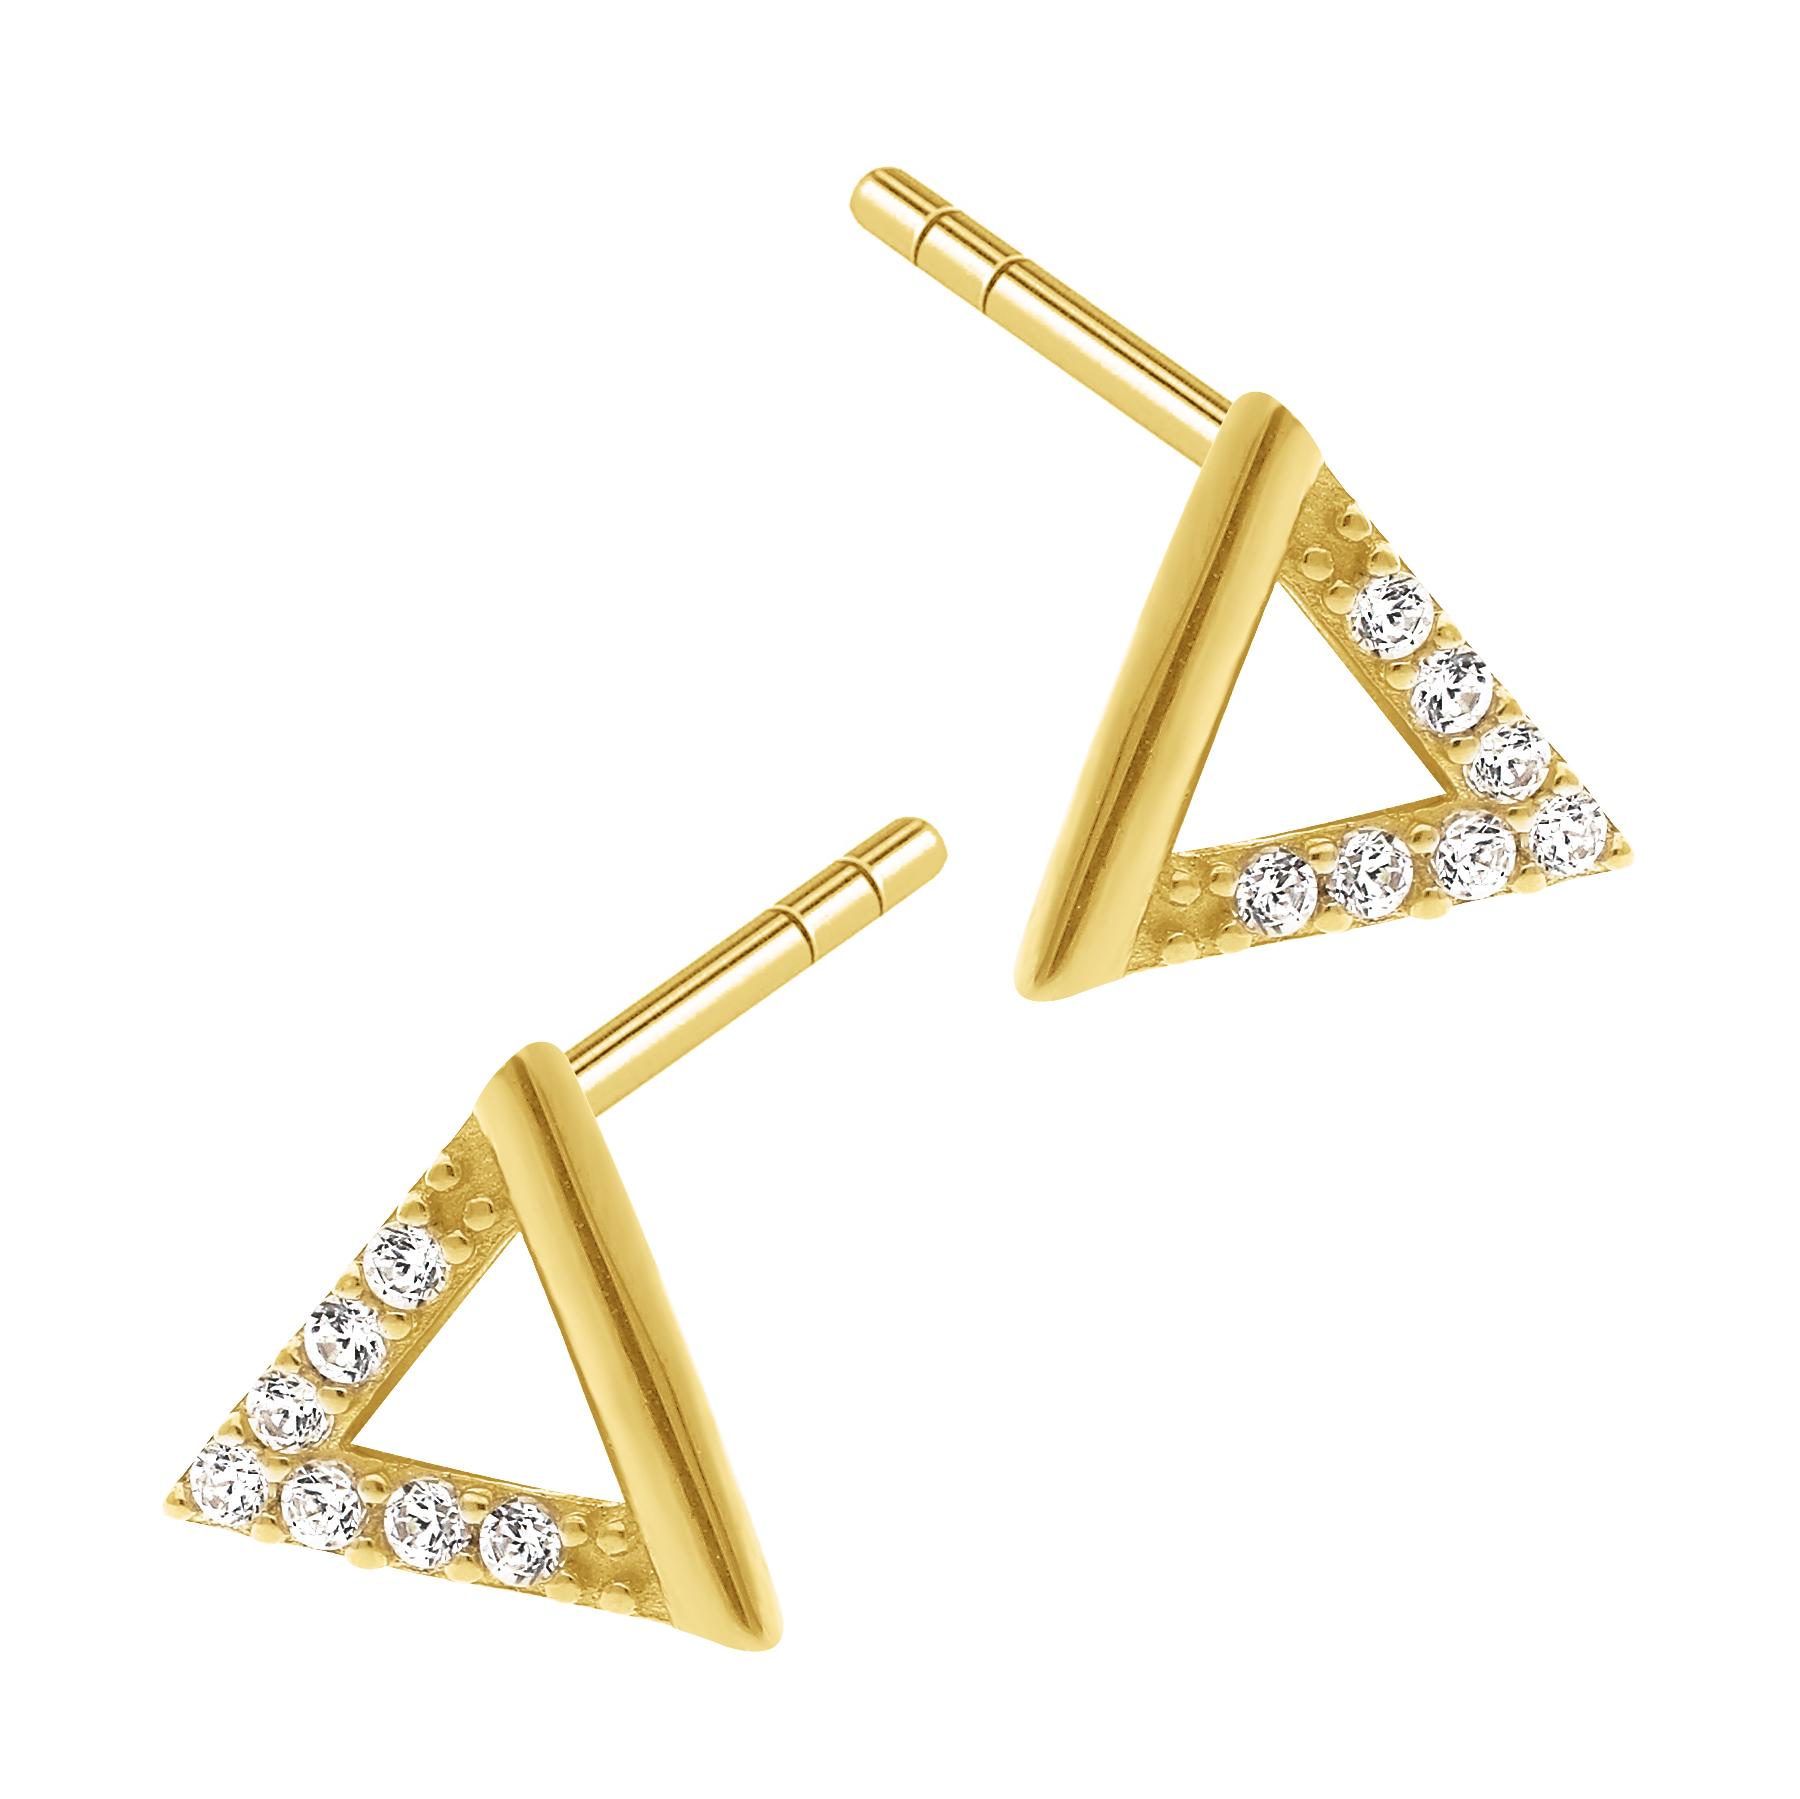 Harf M-368-K-GZ-C-TR - biżuteria